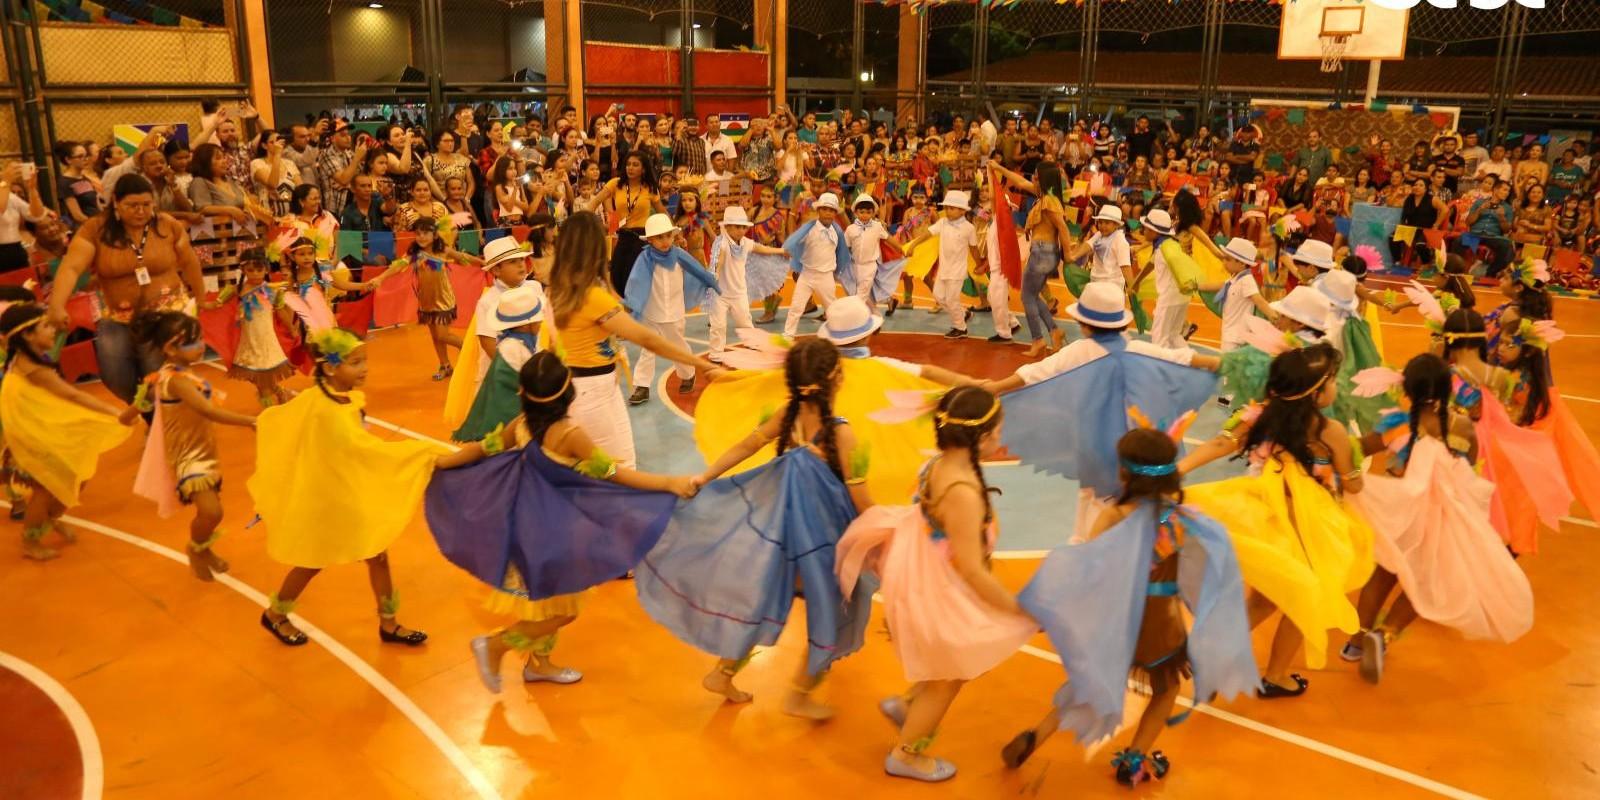 Festa Revivendo as Tradições - Turma da Tarde